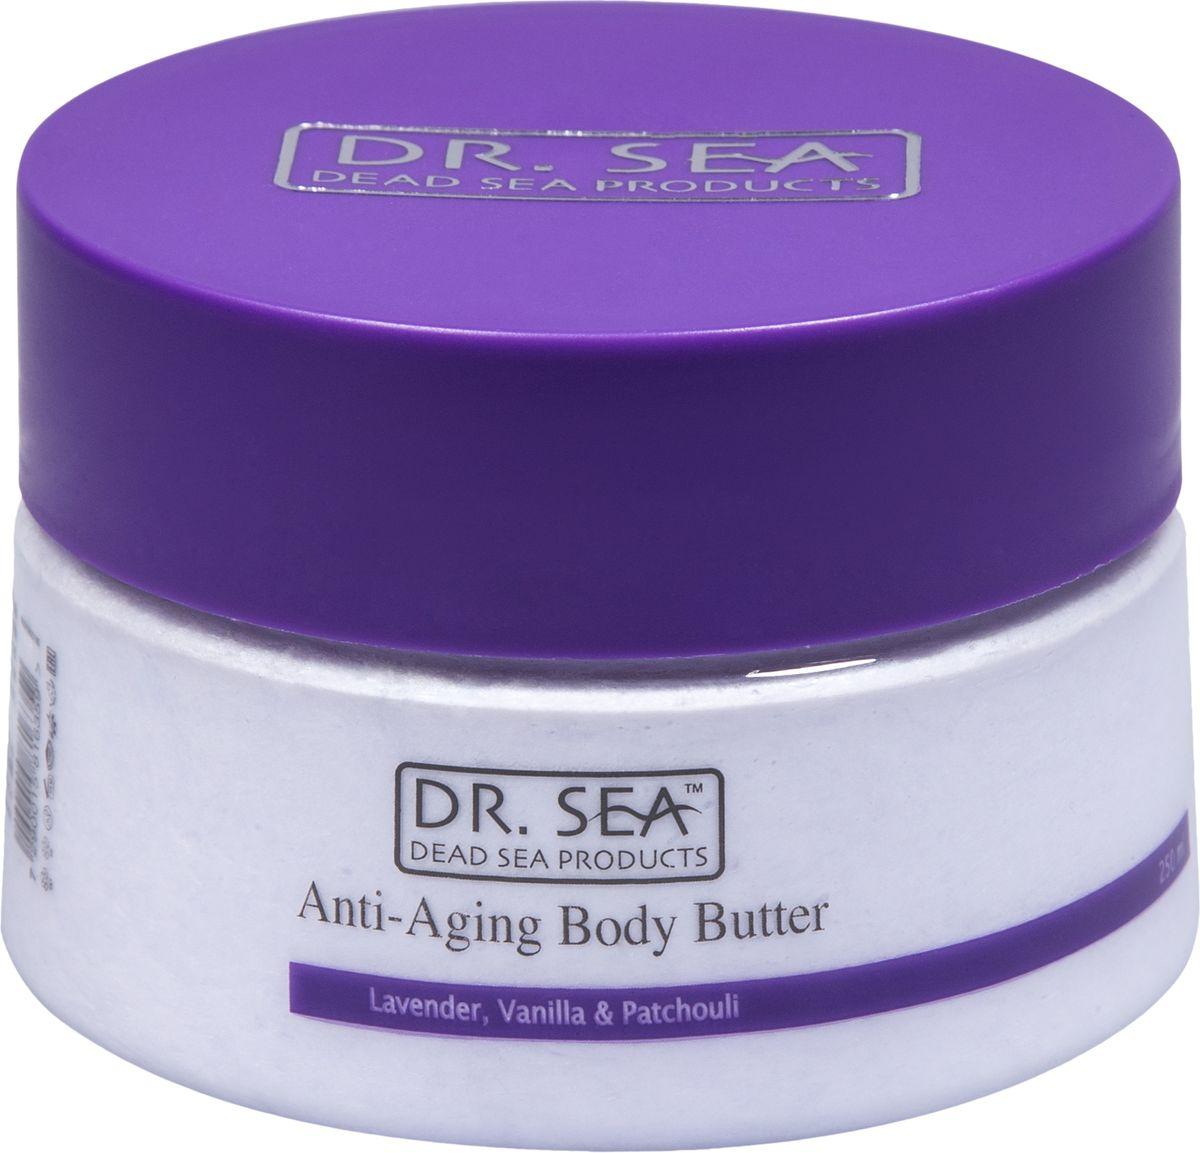 Dr.Sea Масло для тела против старения-лаванда , ваниль и пачули, 250 мл227Ежедневное применение масла для тела Dr. Sea позволяет коже эффективно противостоять процессу старения, повышает ее эластичность и упругость. Содержит минералы Мертвого моря, натуральные эфирные и растительные масла, а также витамины C и E, жирные кислоты омега-3 и омега-6. Способствует предотвращению растяжек, рекомендуется к применению в период диеты или беременности. Способ применения: после каждого принятия ванны или душа наносите на кожу массирующими движениями и втирайте до полного впитывания. Основу косметики Dr. Sea составляют минералы, грязи и органические вытяжки Мертвого моря, а также натуральные растительные экстракты. Косметические средства Dr. Sea разрабатываются и производятся исключительно на территории Израиля в новейших технологических условиях, позволяющих максимально раскрыть и сохранить целебные свойства природных компонентов. Ни в одном из препаратов не содержится парааминобензойная кислота (так называемый парабен), а в составе шампуней и...